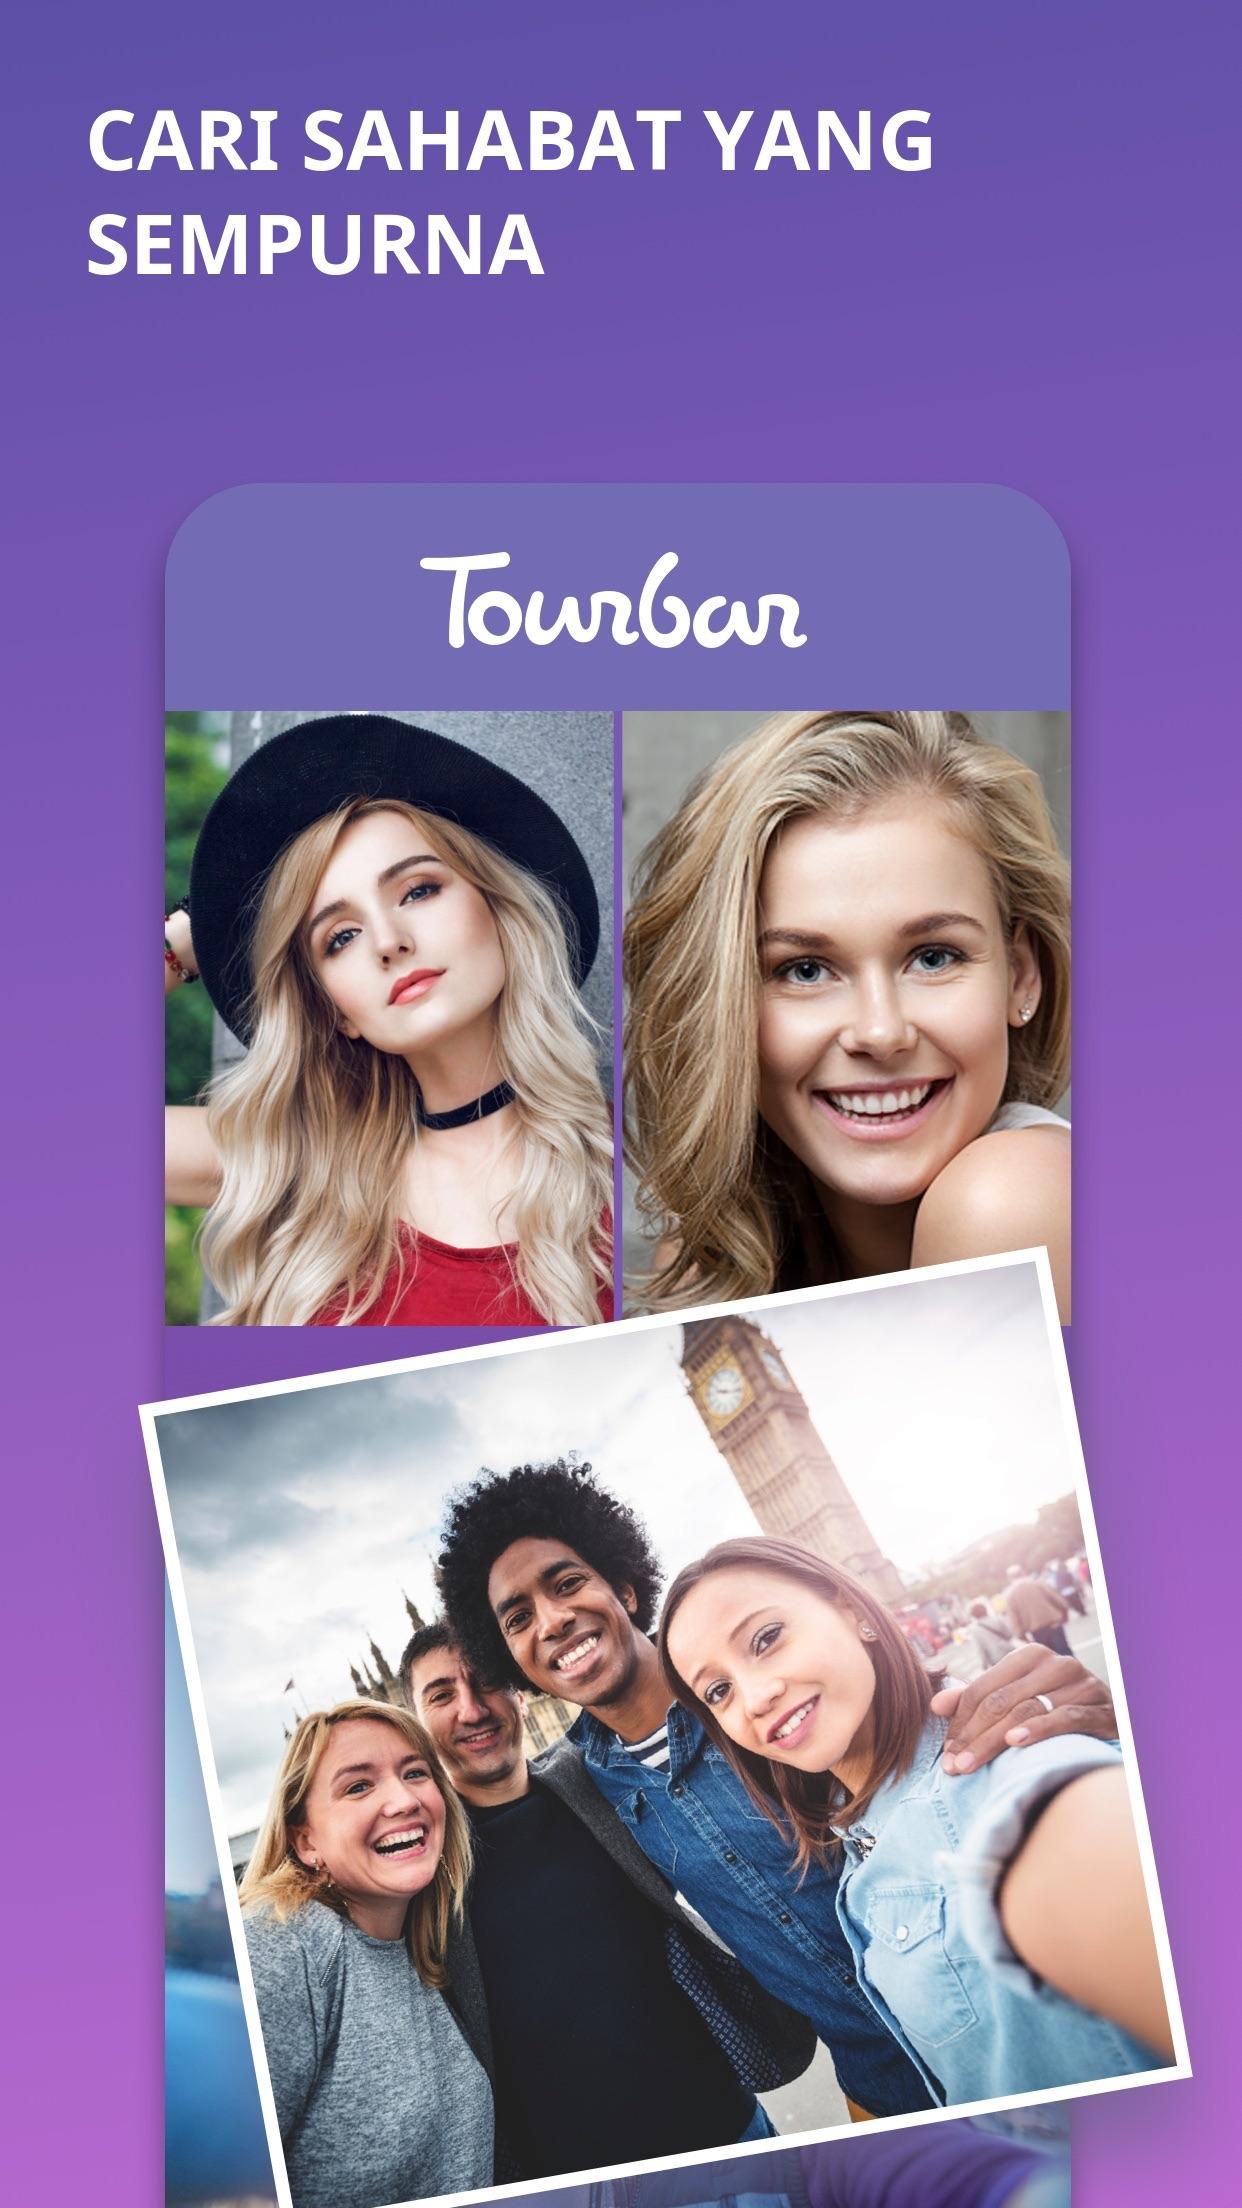 Tourbar - Bertemu dan perjalan Screenshot